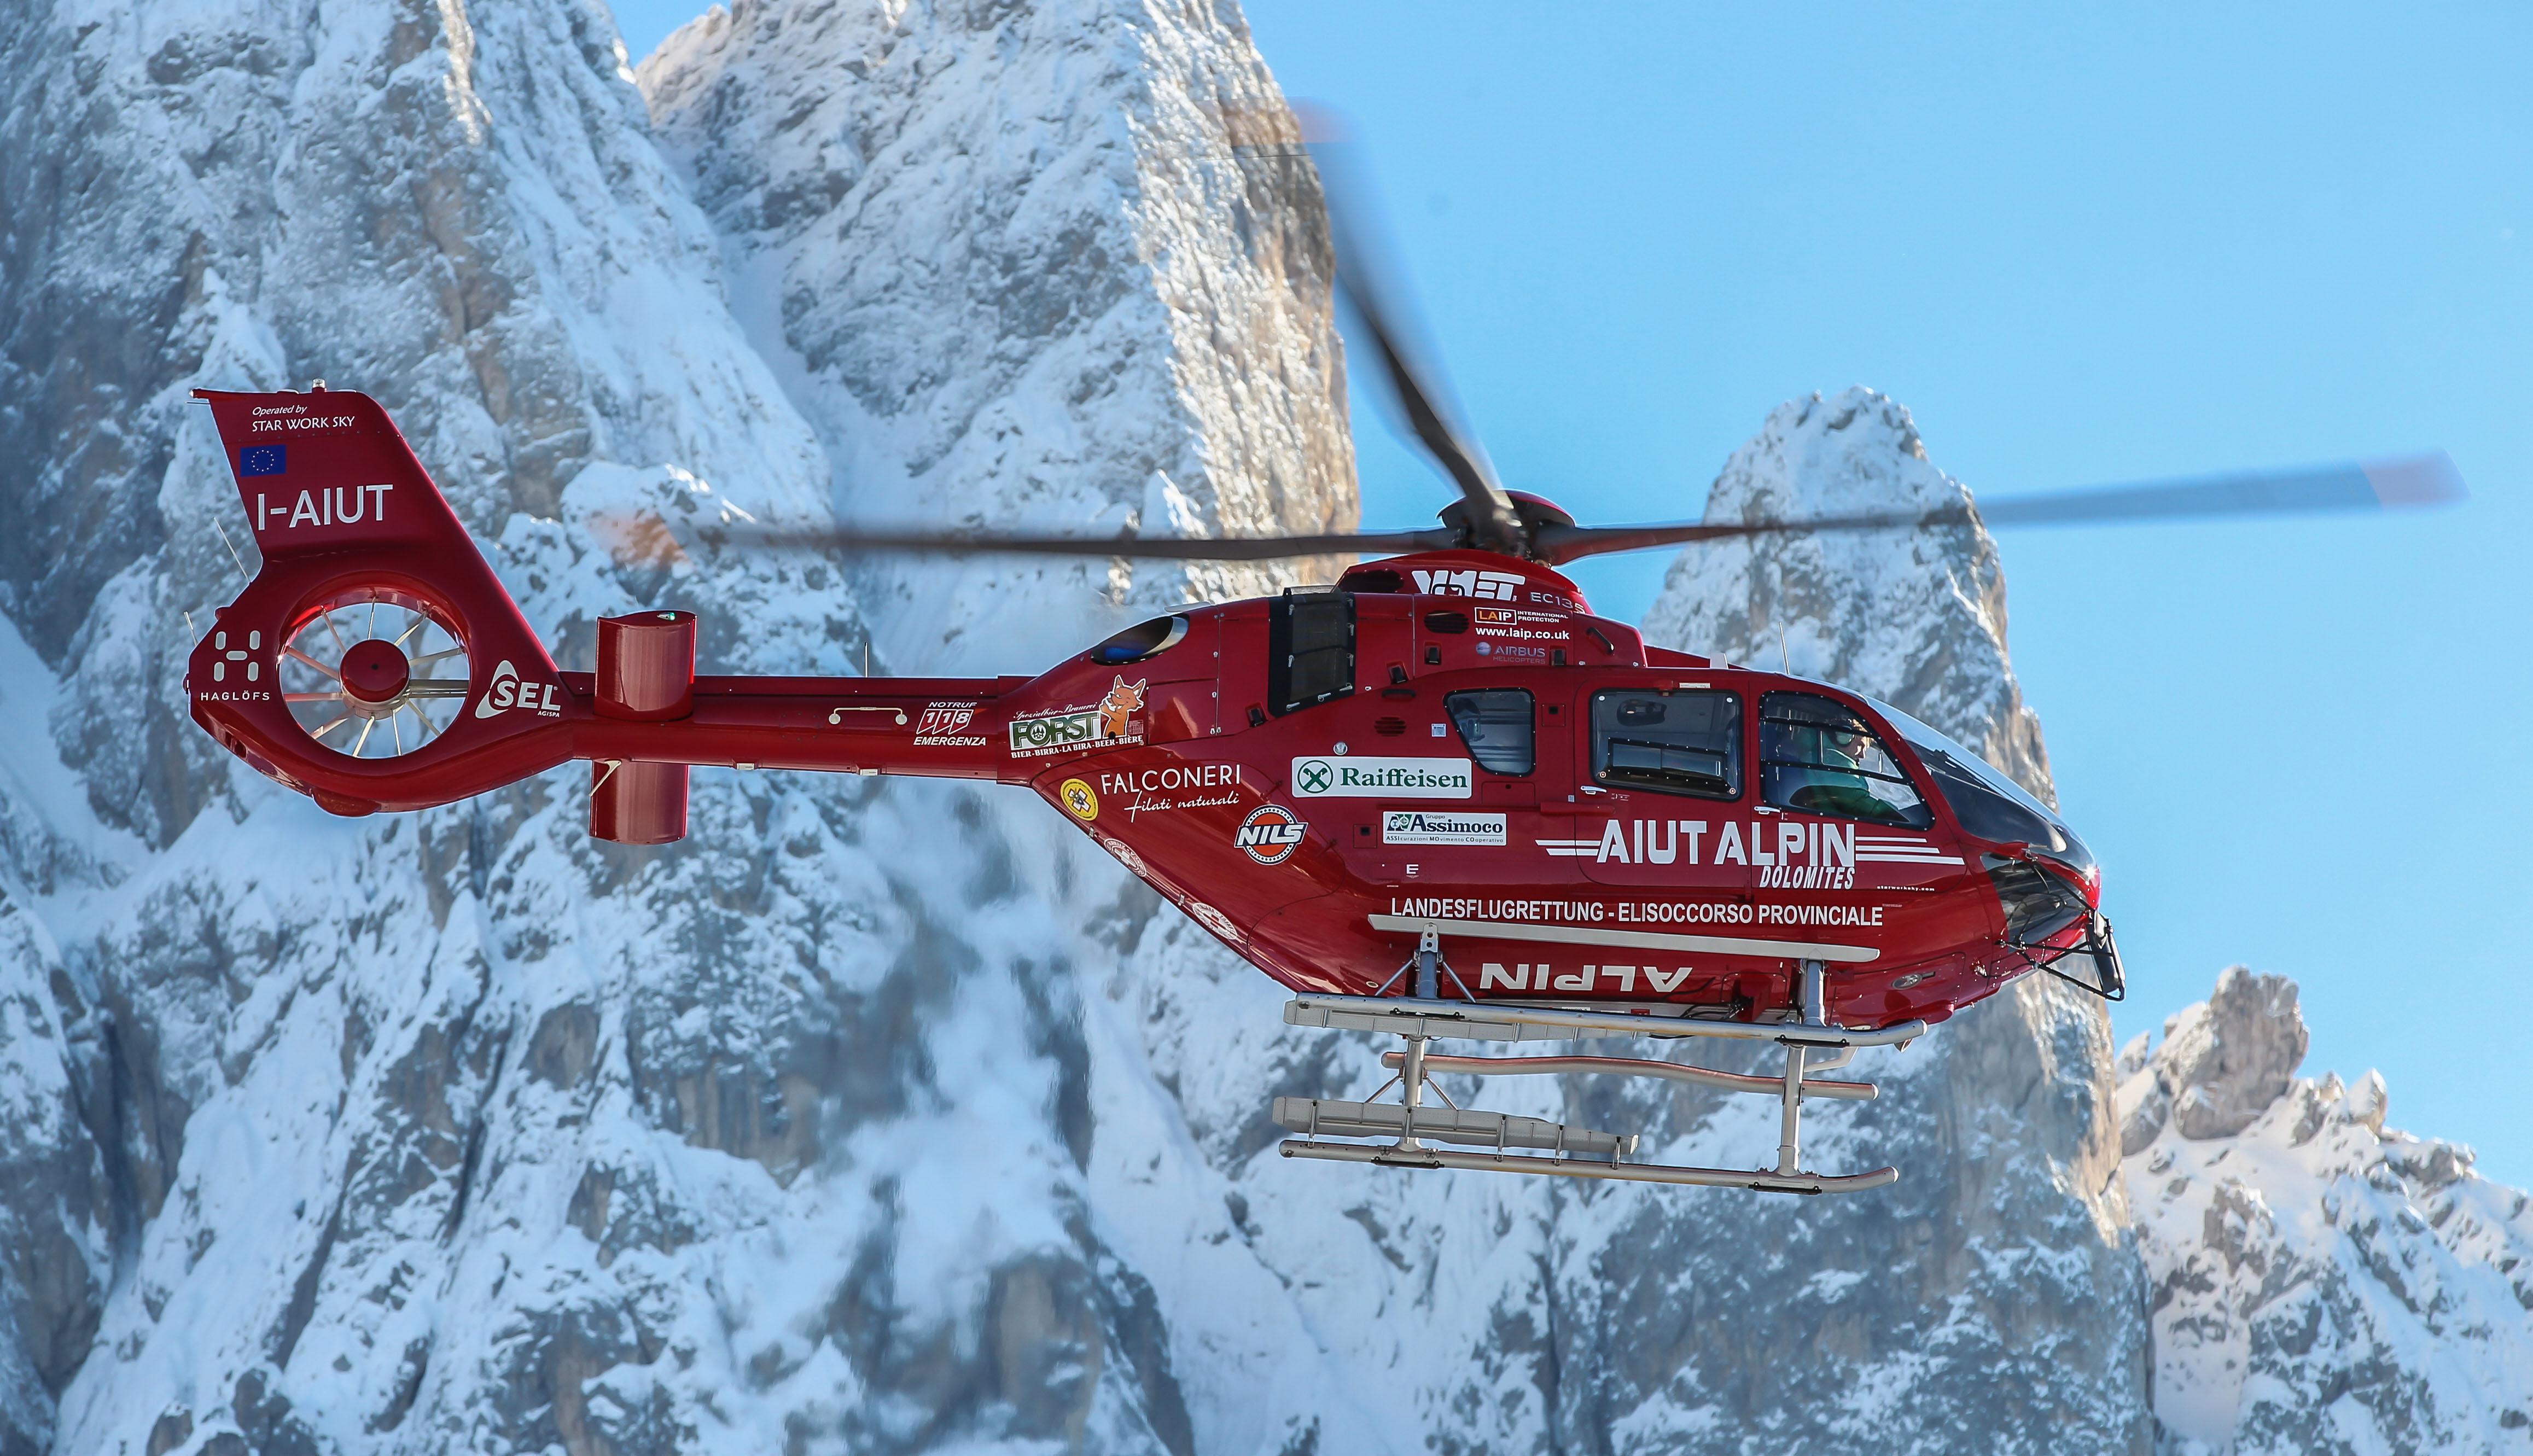 Pelikan 1 Elicottero : Il primo ec t p potenziato di airbus helicopters